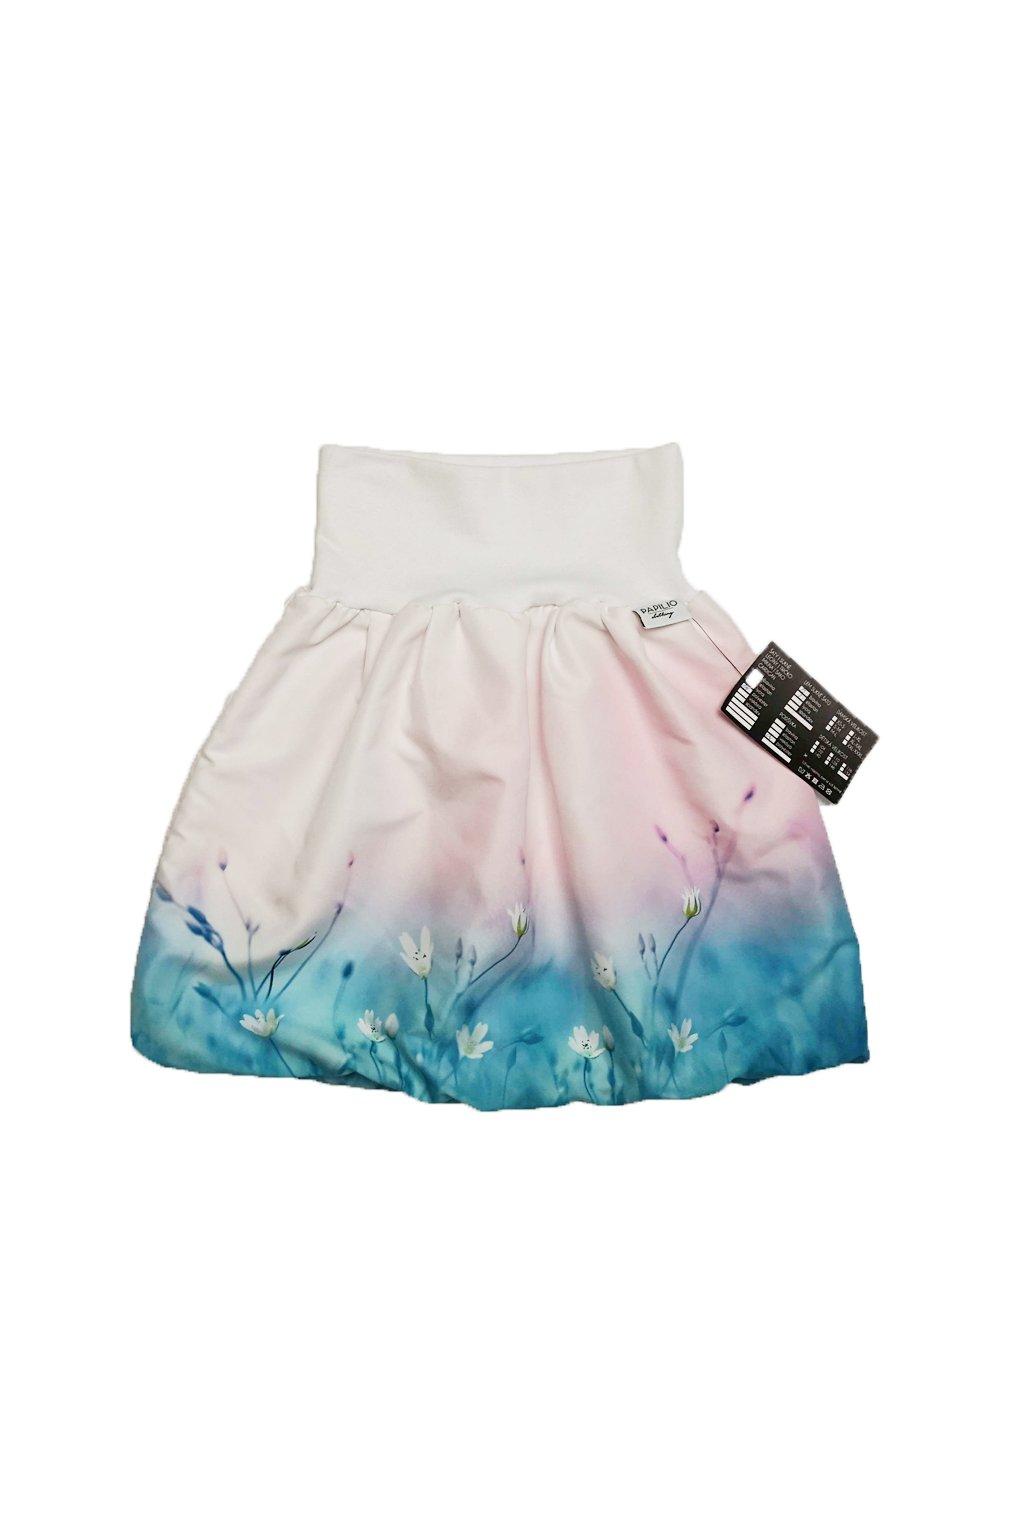 Dívčí sukně - Kvítek v mlze | micropeach